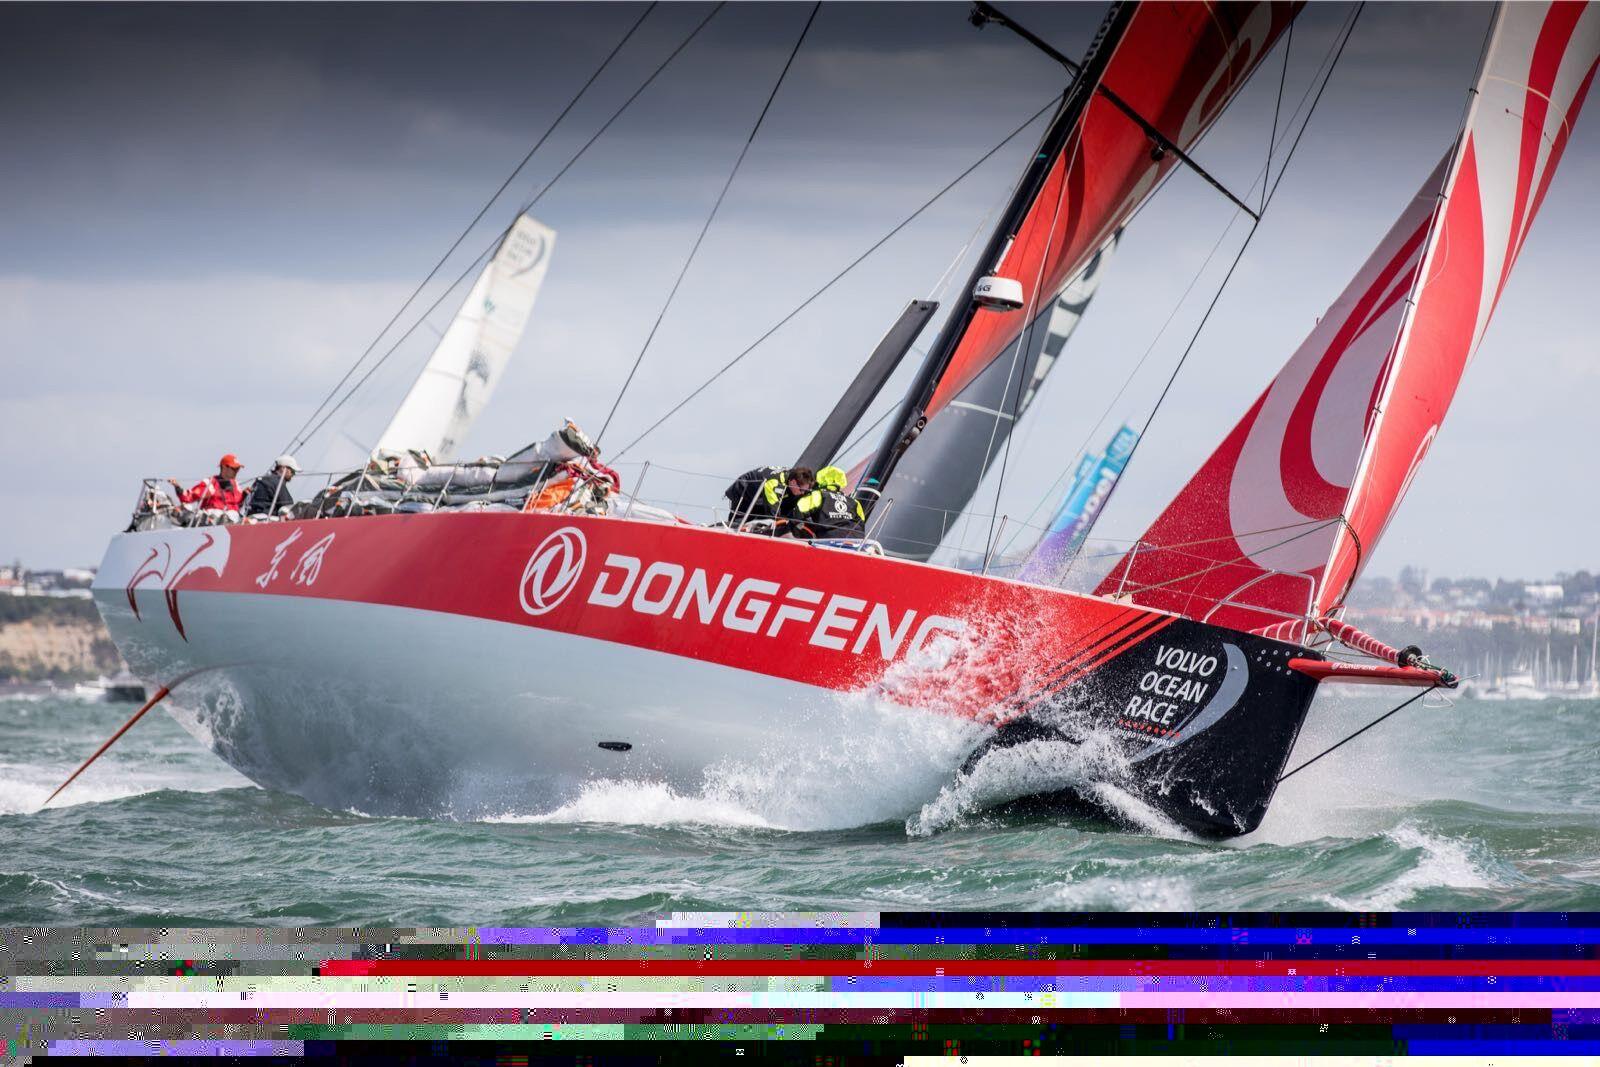 沃尔沃环球帆船赛:奥克兰再次启航 奋进挑战南大洋